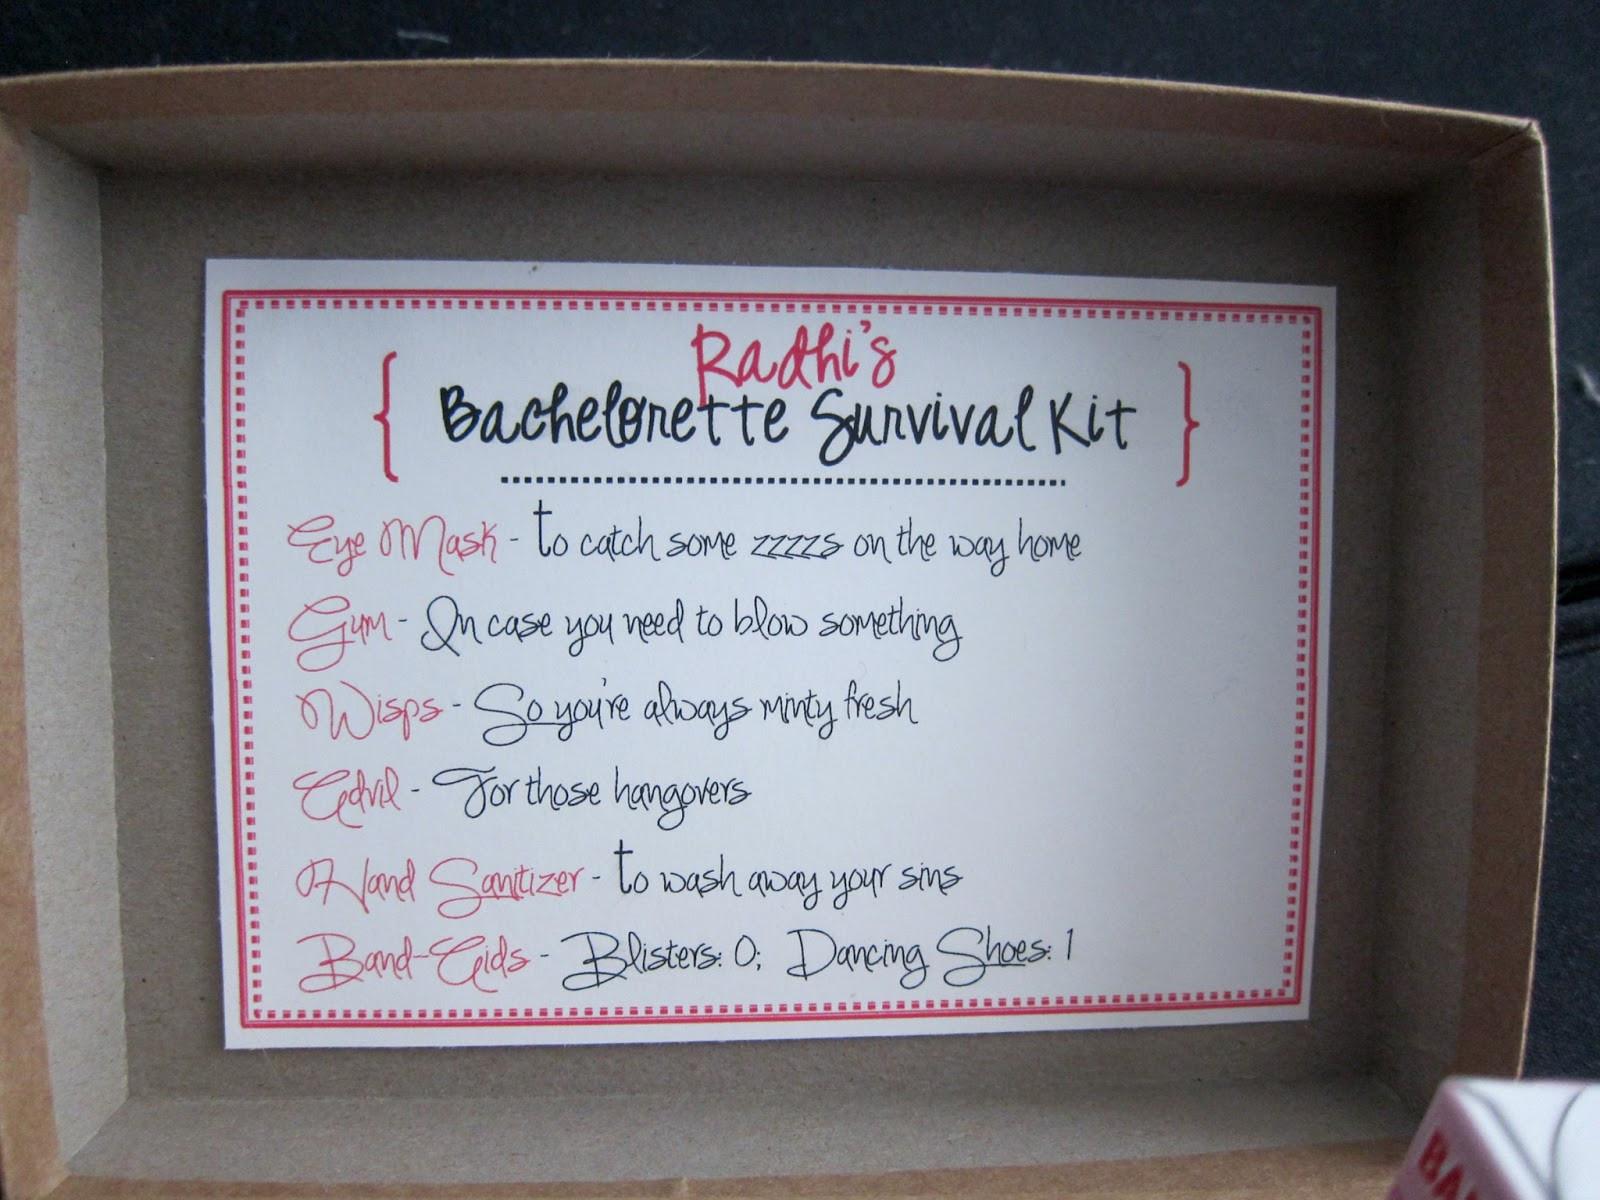 DIY Bachelorette Gift For Bride  rnlMusings Gifting Survival Kits for the Bachelorette